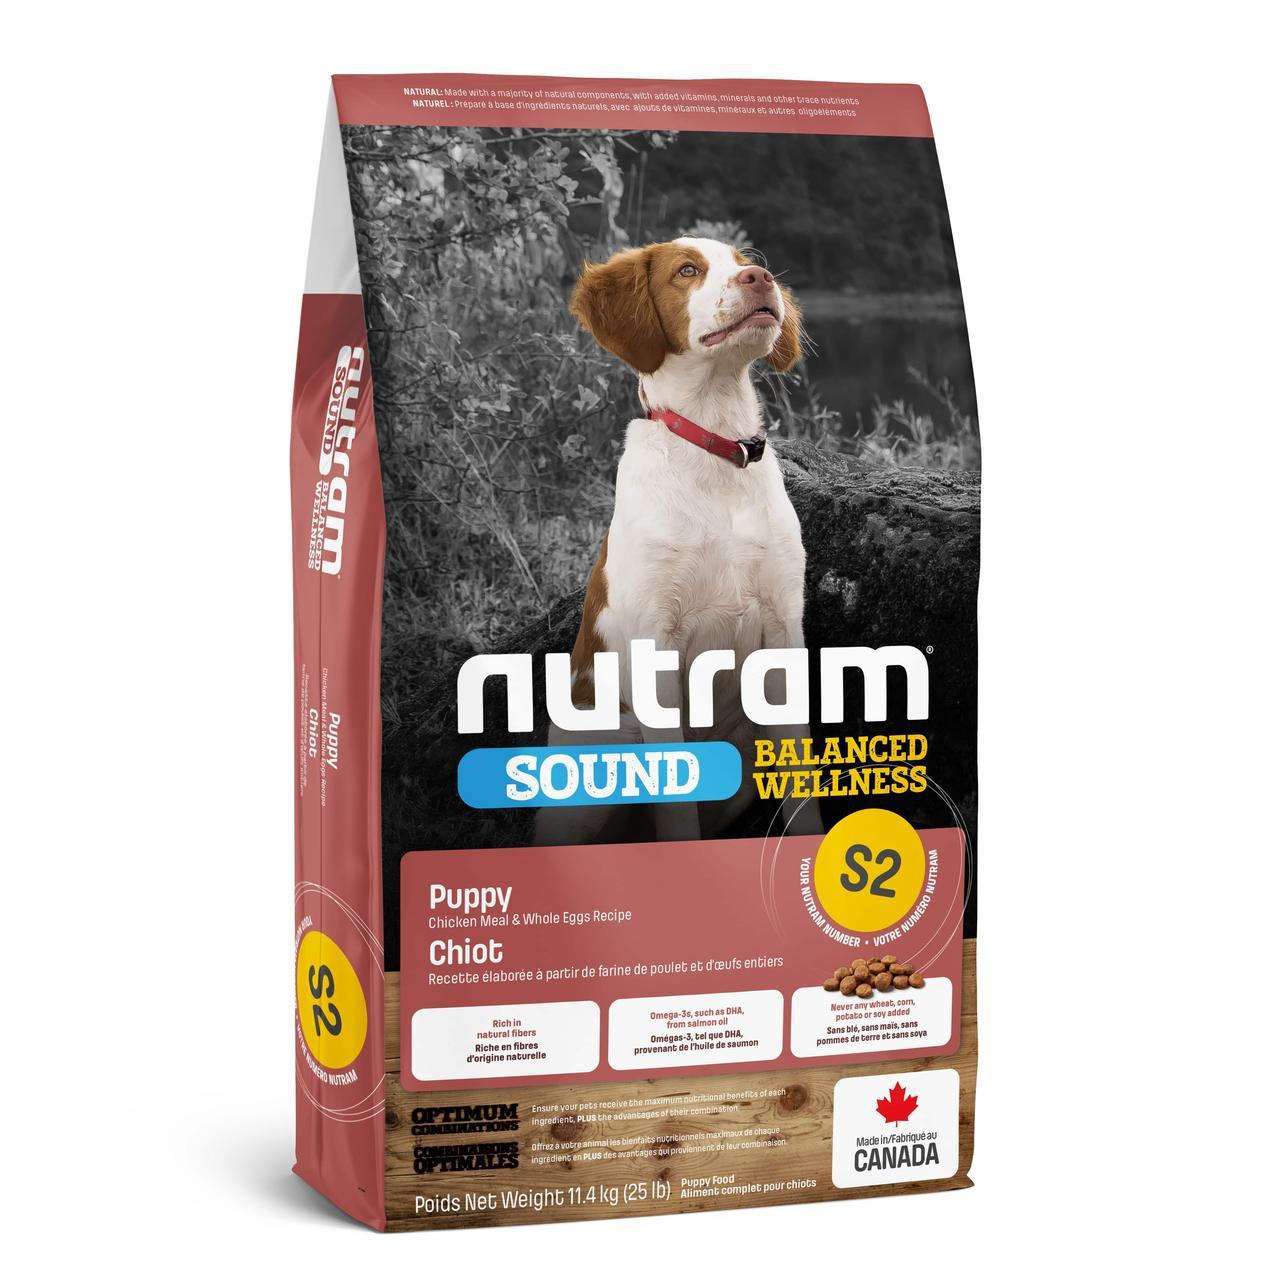 НУТРАМ S2 Nutram Sound з куркою і цільними яйцями повнораціонний сухий корм для цуценят, 11,4 кг